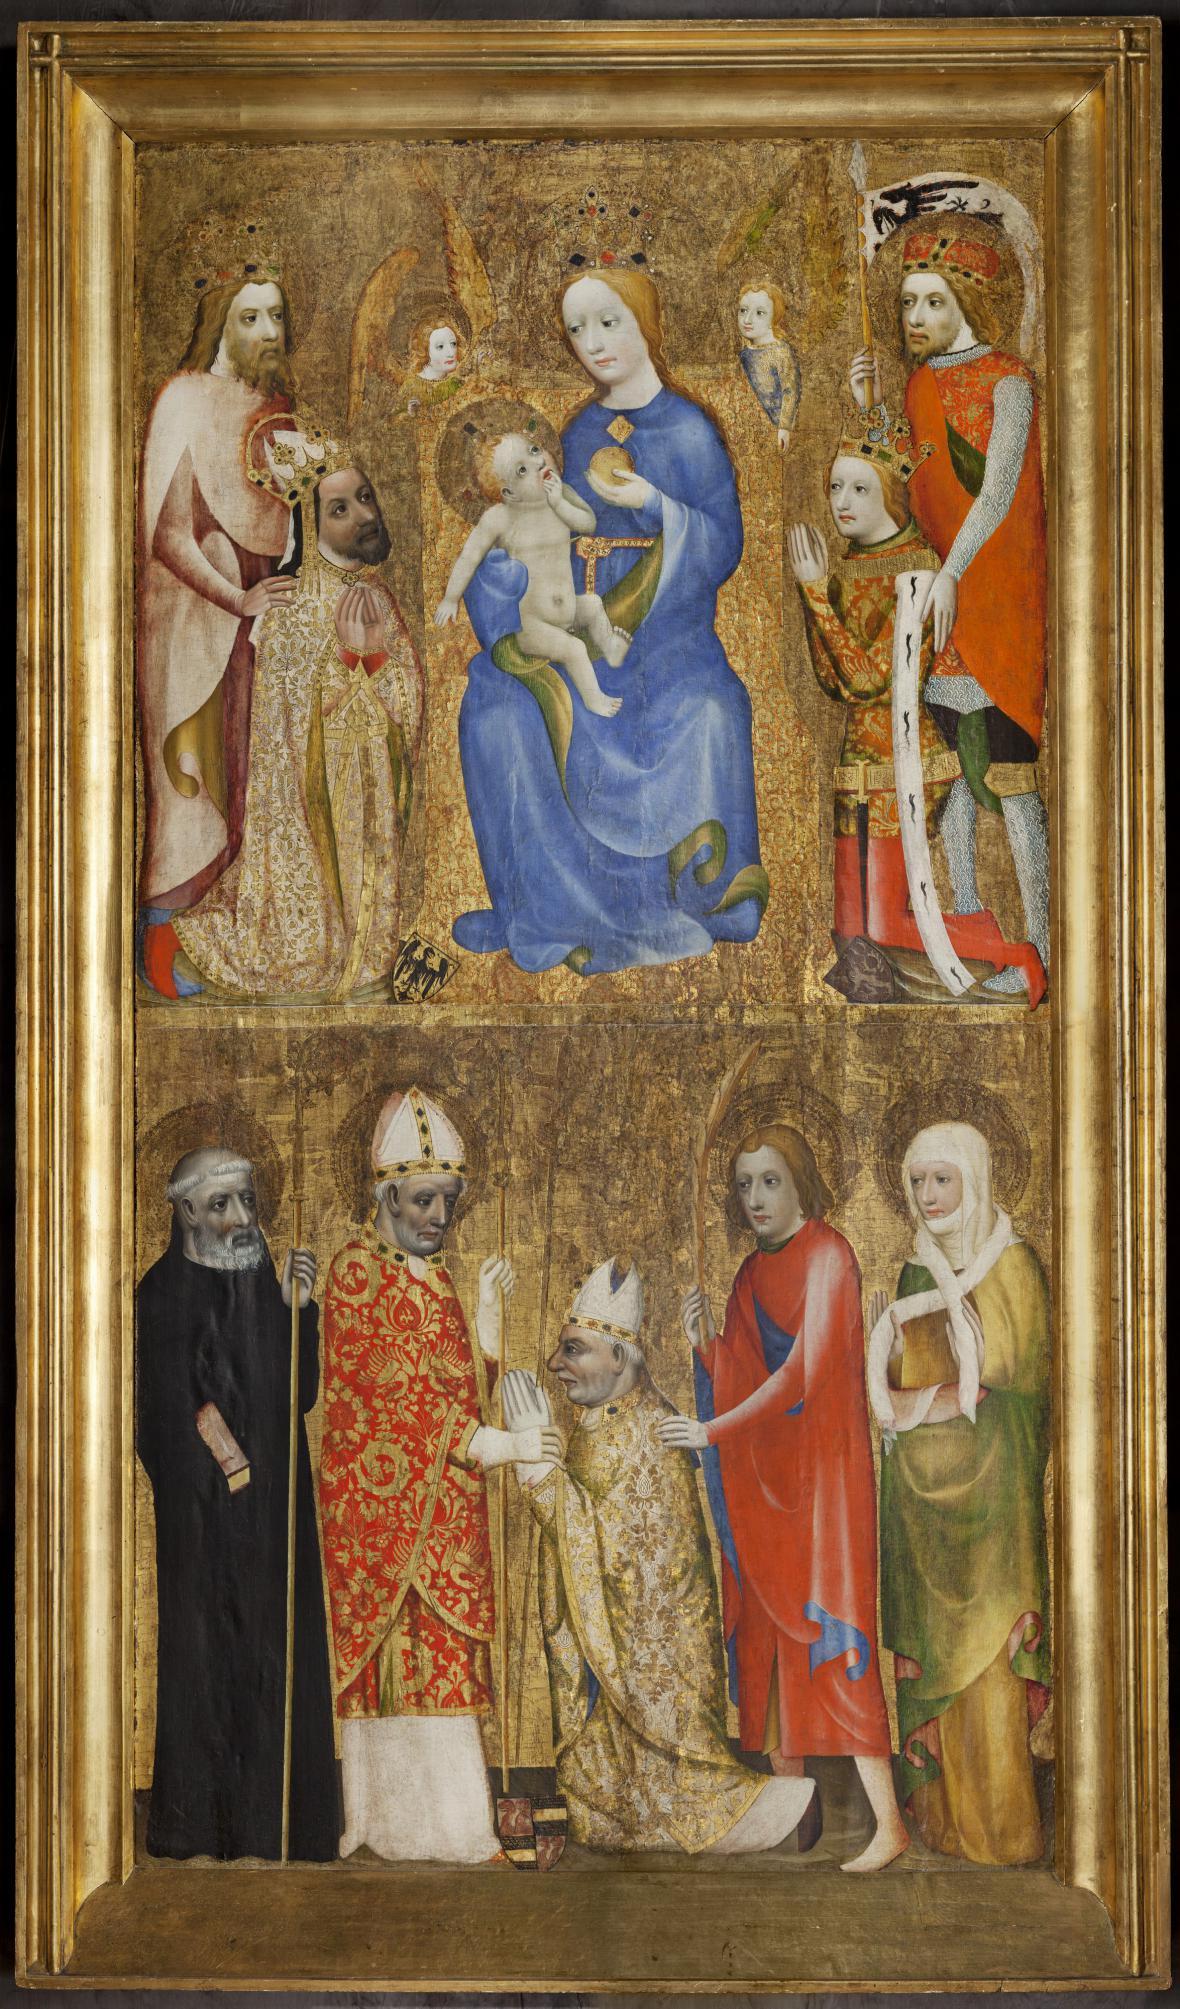 Votivní obraz pražského arcibiskupa Jana Očka z Vlašimi, Praha, před rokem 1371